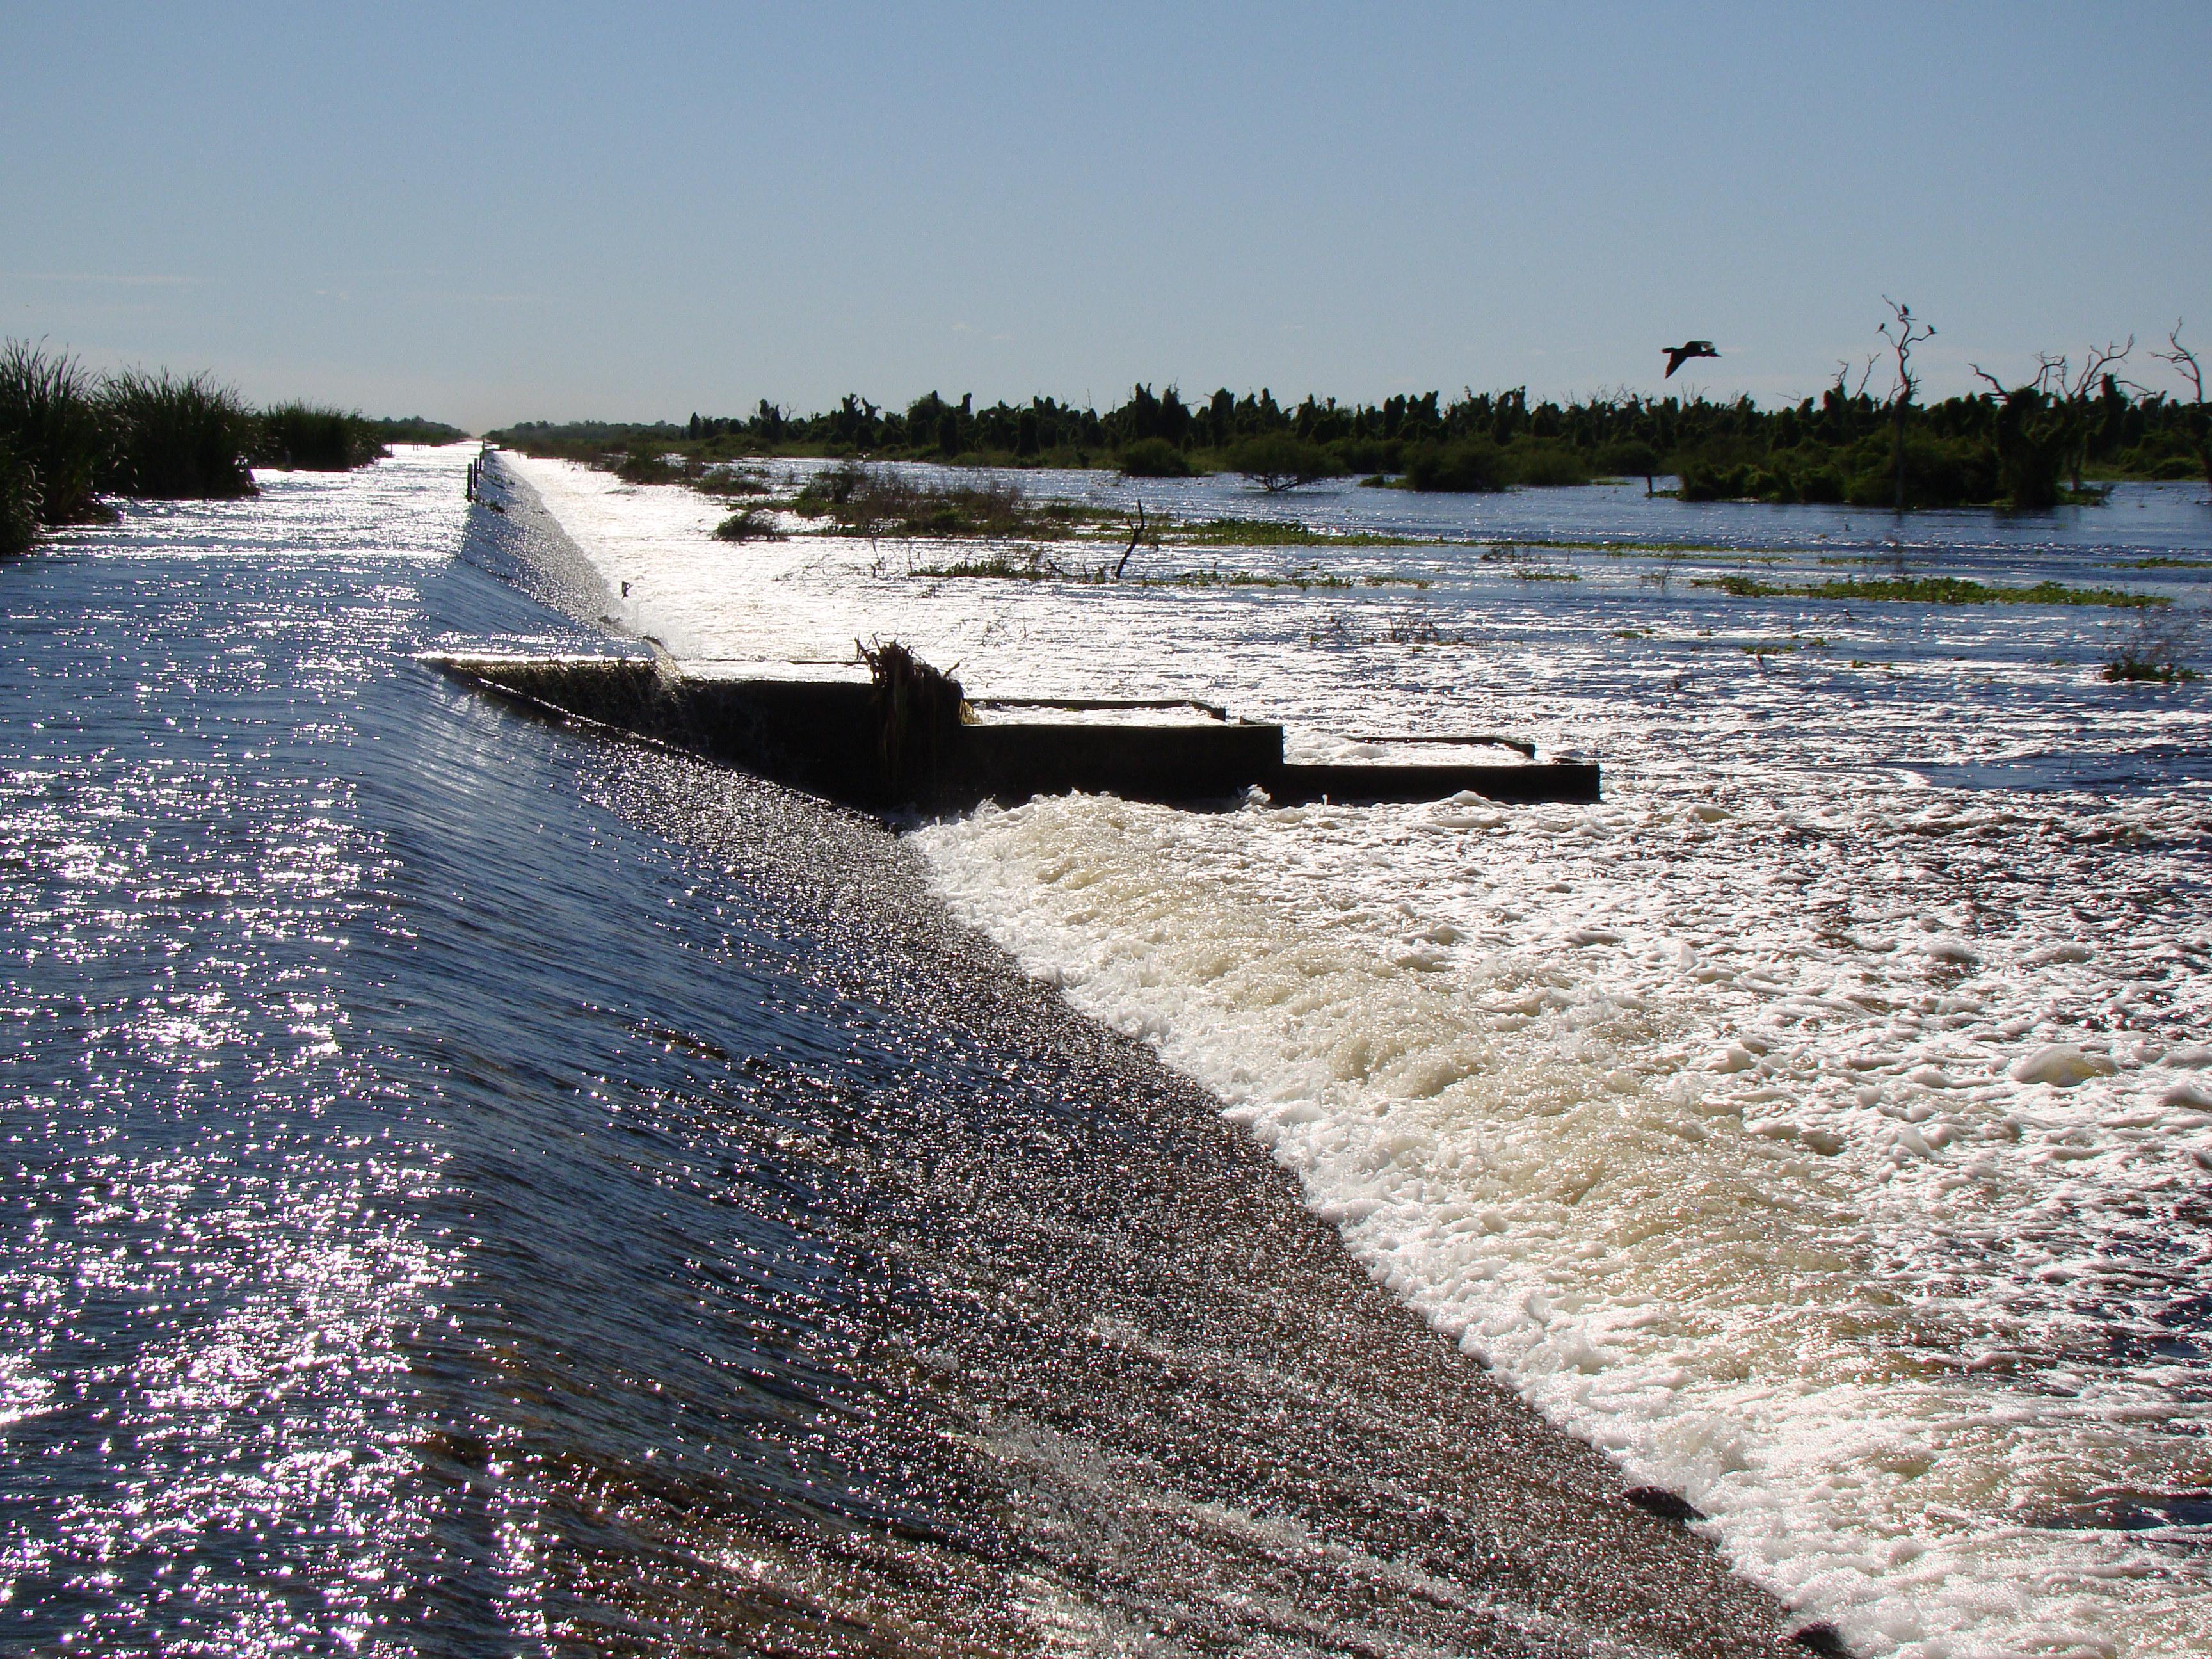 La instalación de un obstáculo en un río modifica su caudal y afecta el ciclo de vida de los peces migratorios. Foto: Soraya Barrera.